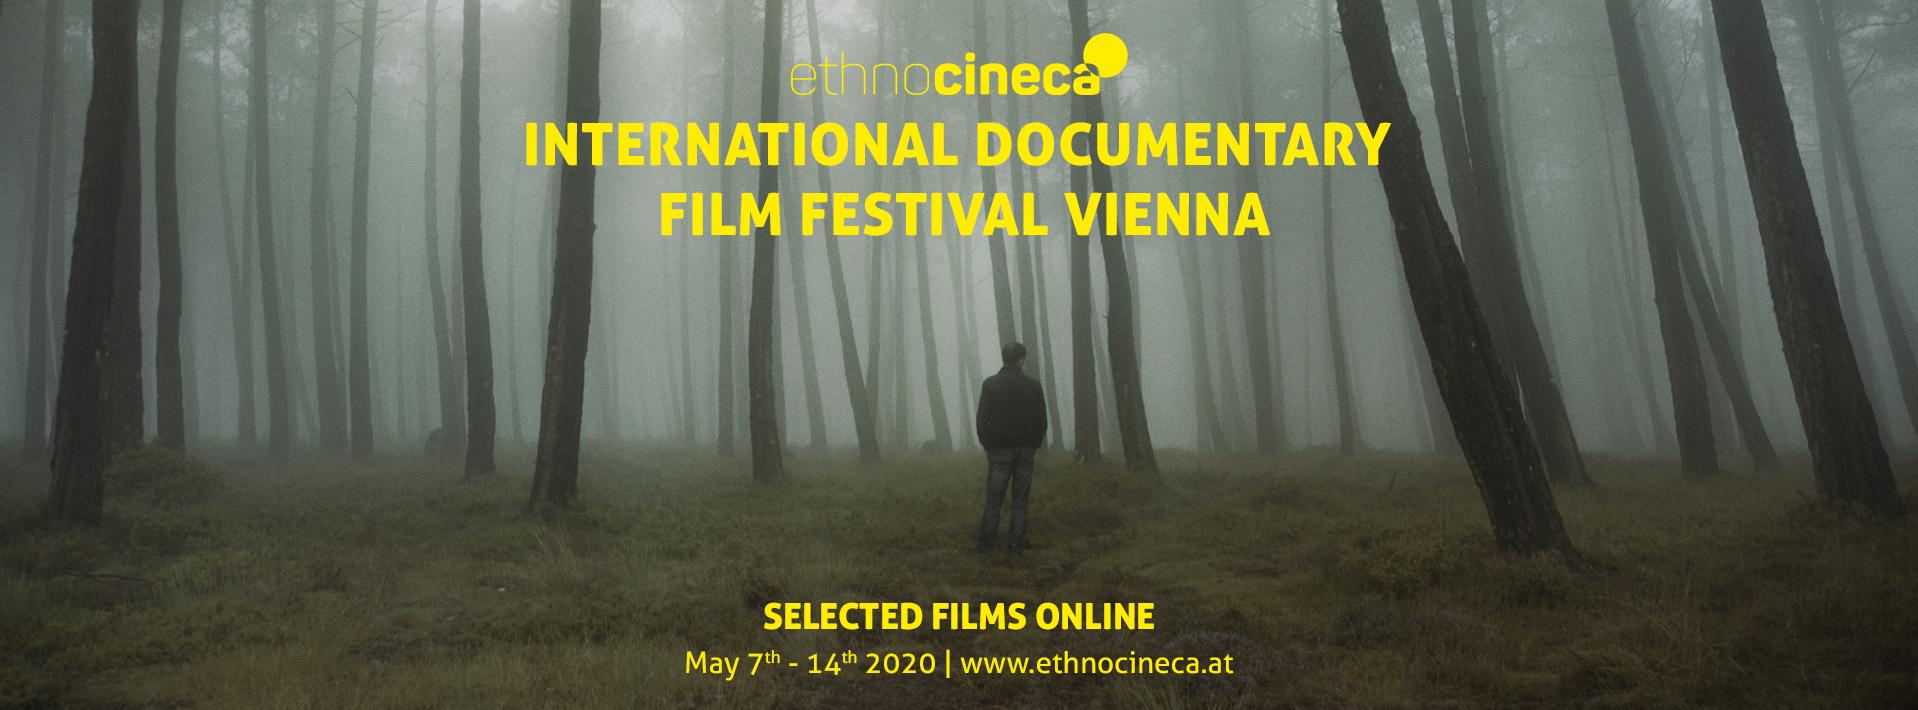 ethnocineca – International Documentary Film Festival Vienna am 7. May 2020 @ ethnocineca.